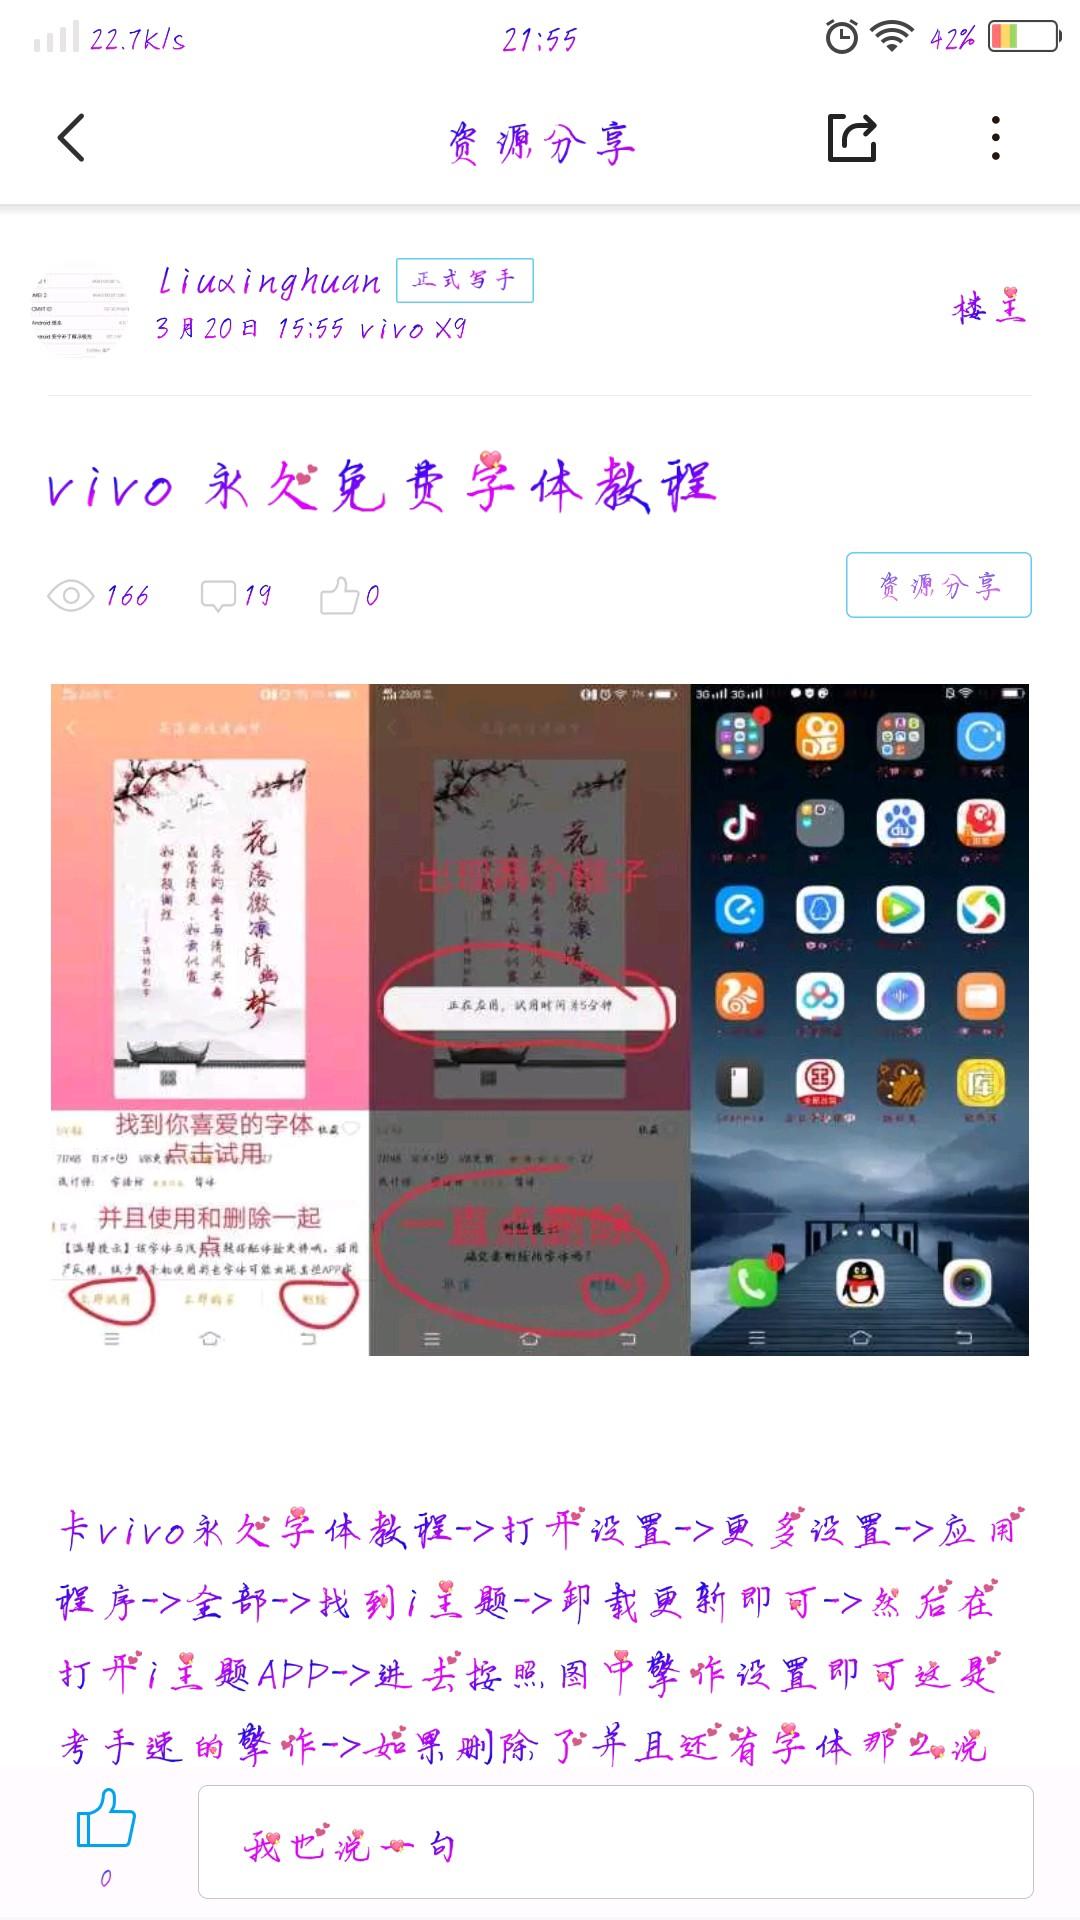 Screenshot_20190322_215513.jpg